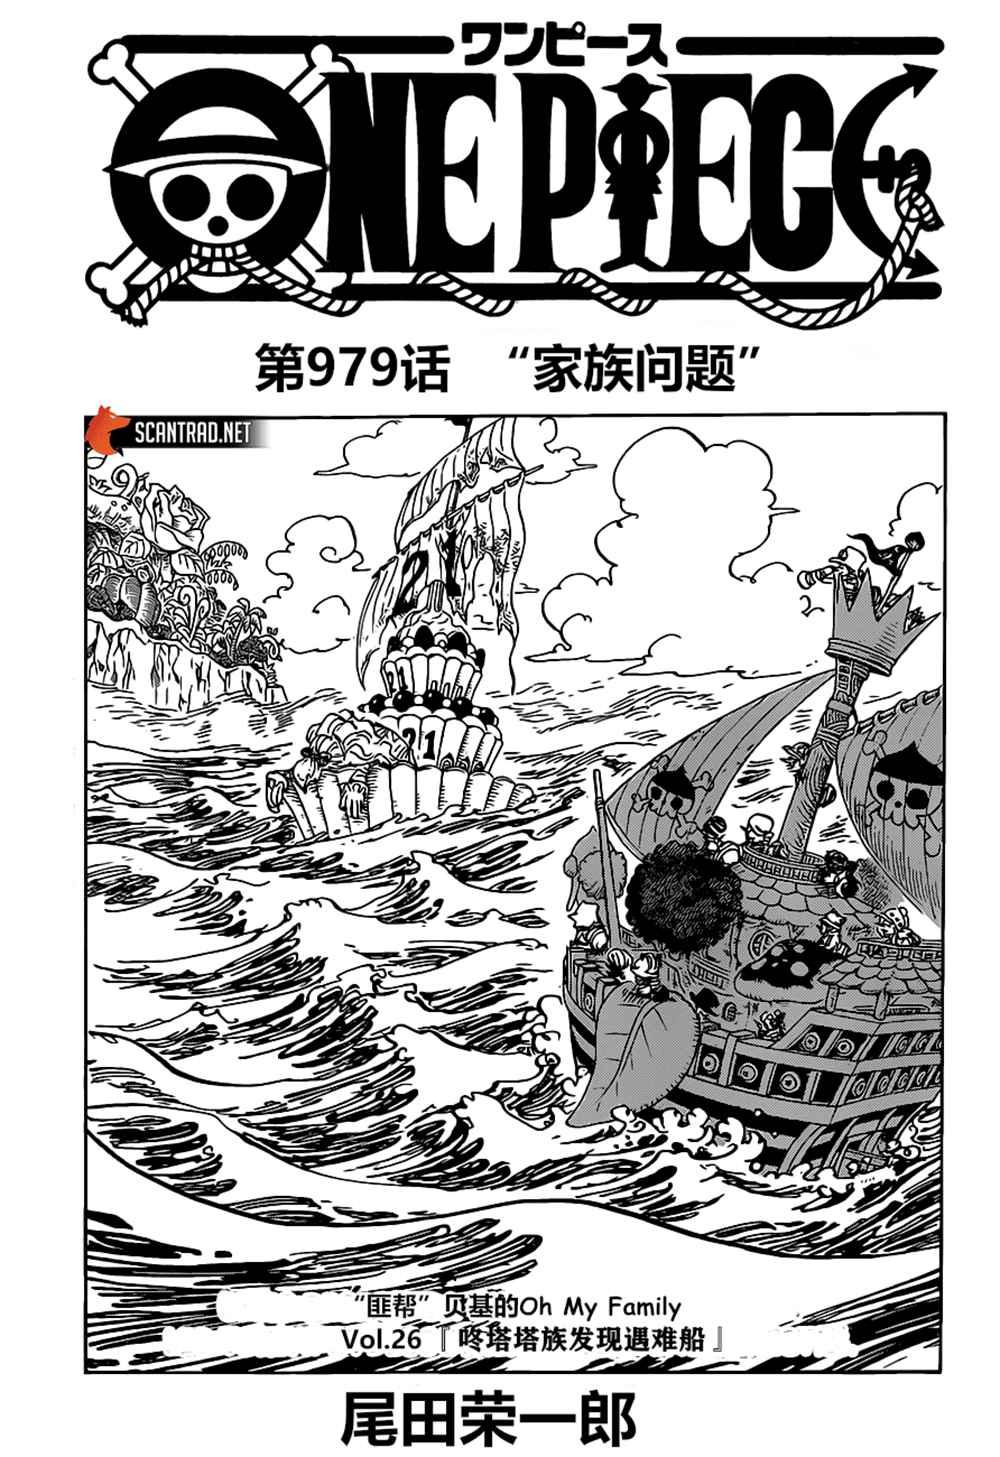 海賊王: 979话 家族问题 - 第1页